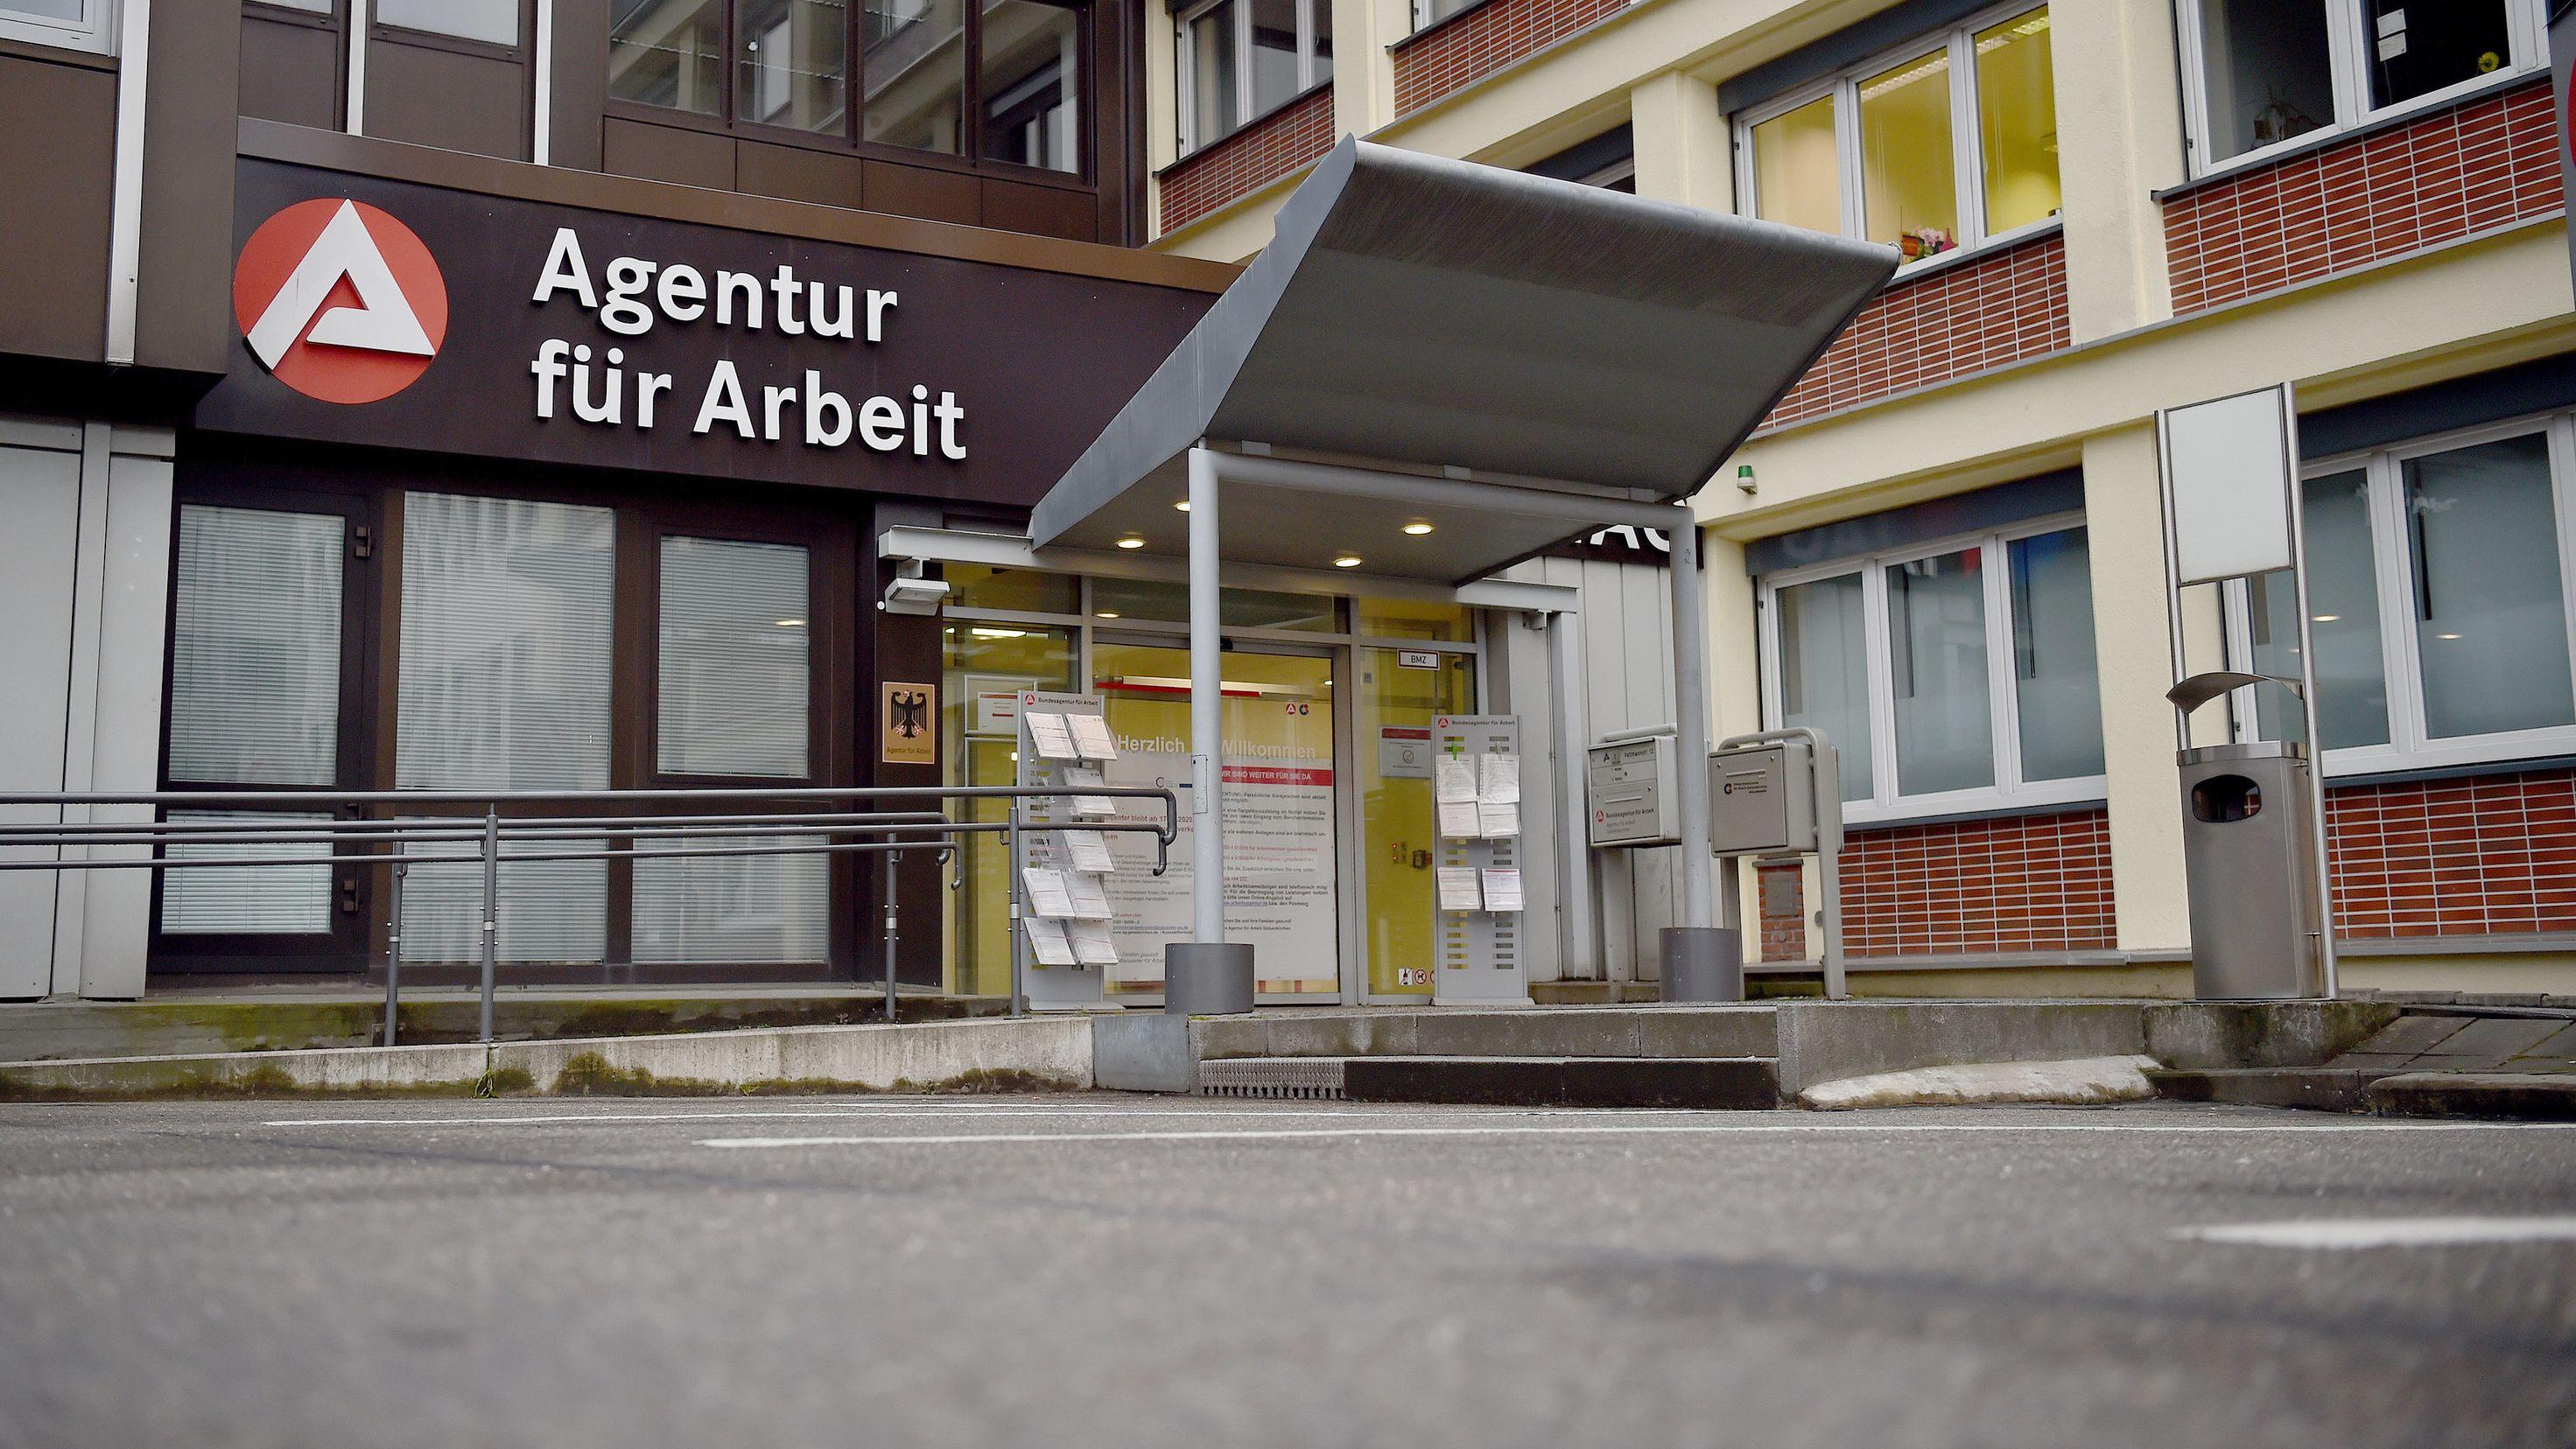 Der Eingangsbereich einer Agentur für Arbeit